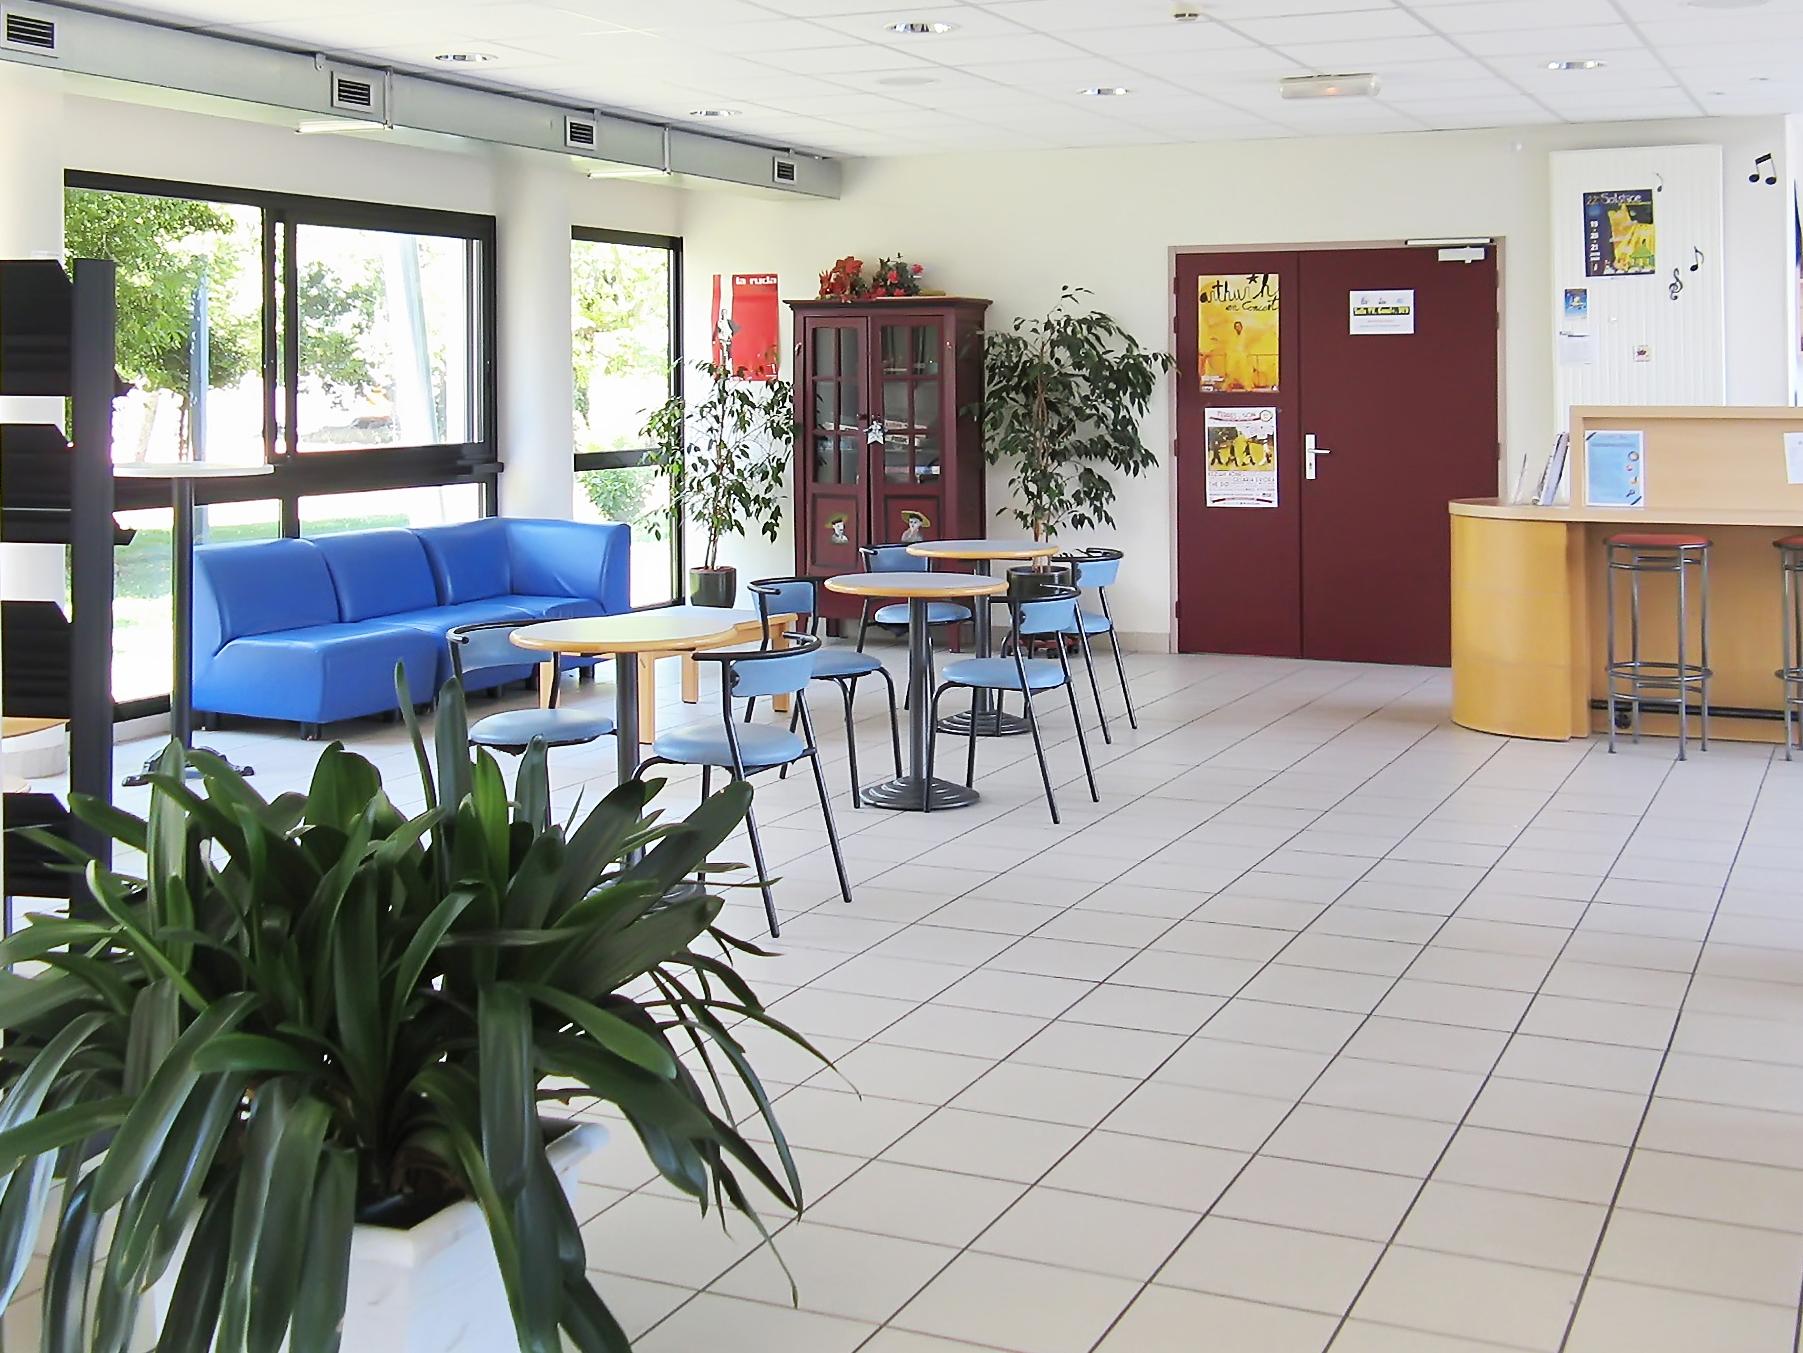 Amboise_Acc_Assoc_pour_l`Habitat_des_Jeunes_Common Area_01